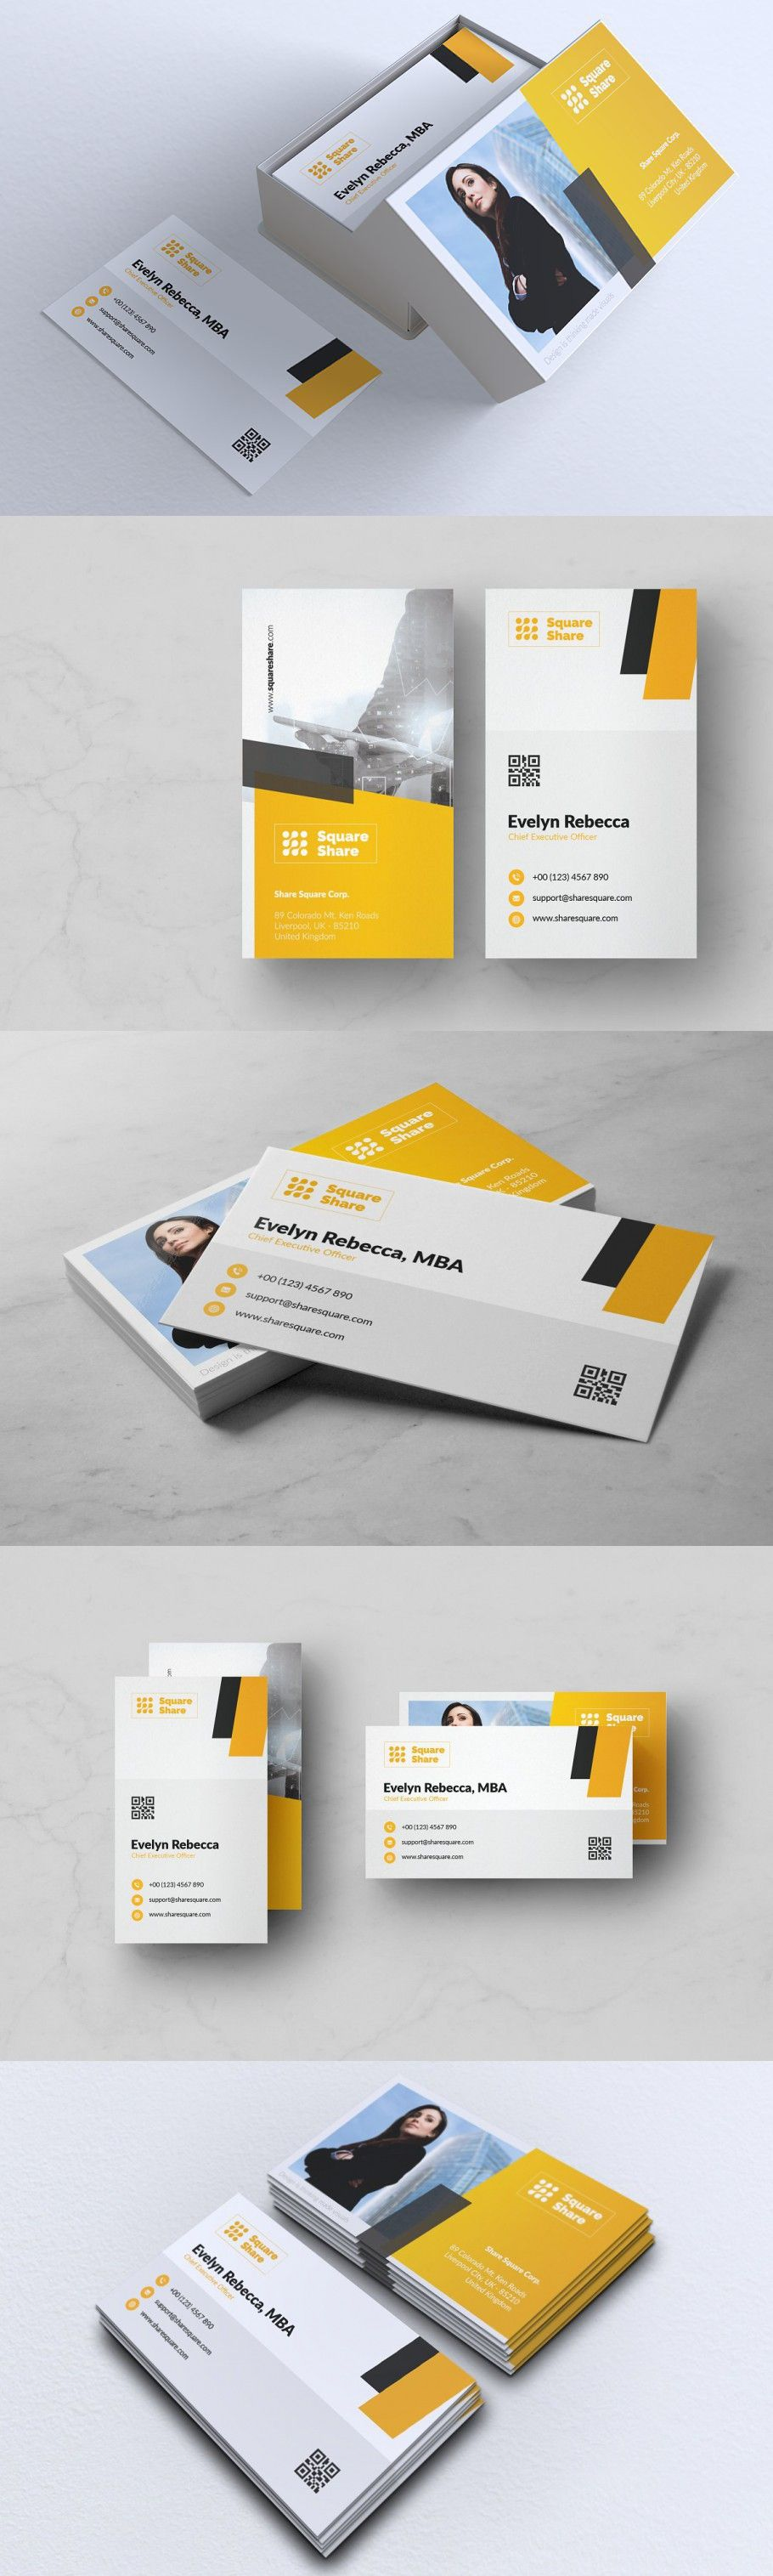 Minimalist Business Card Vol 17 Minimalist Business Cards Business Card Design Name Card Design